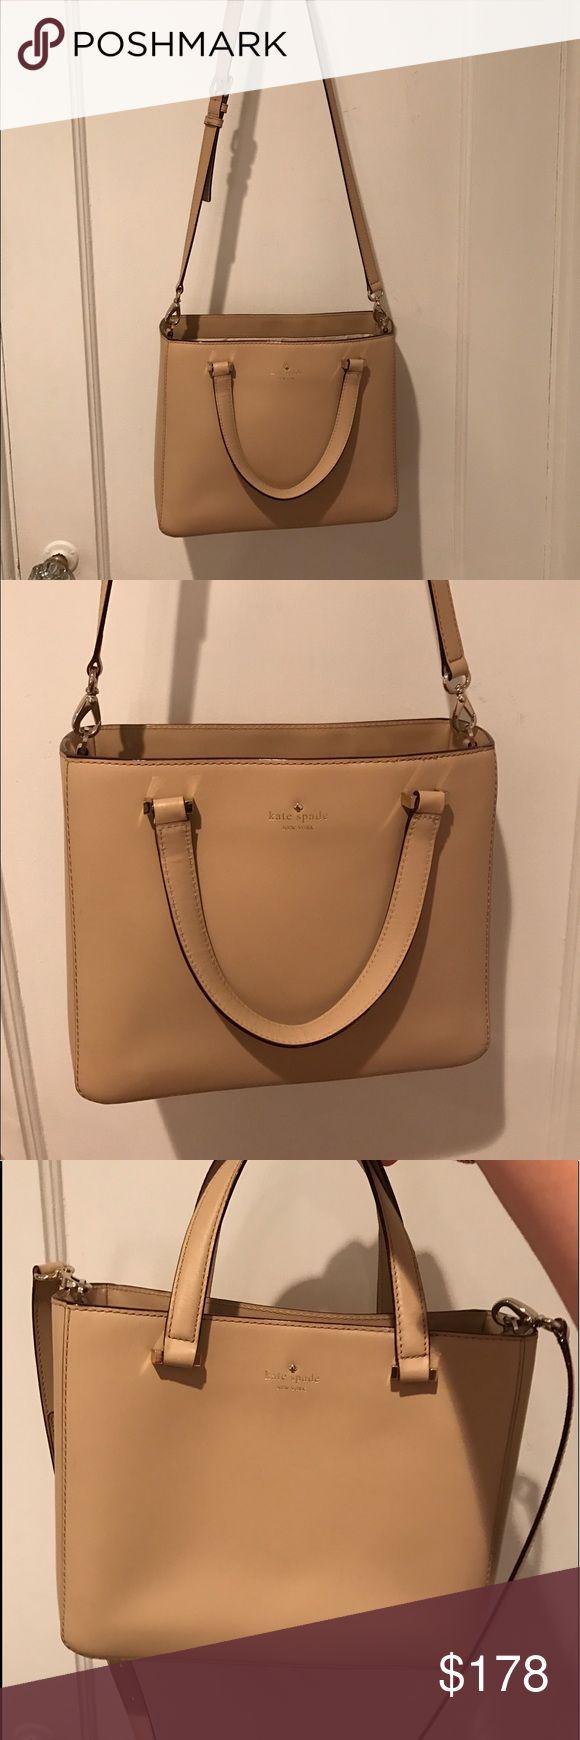 Kate spade medium nude tote bag Lightly worn kate spade Bags Crossbody Bags